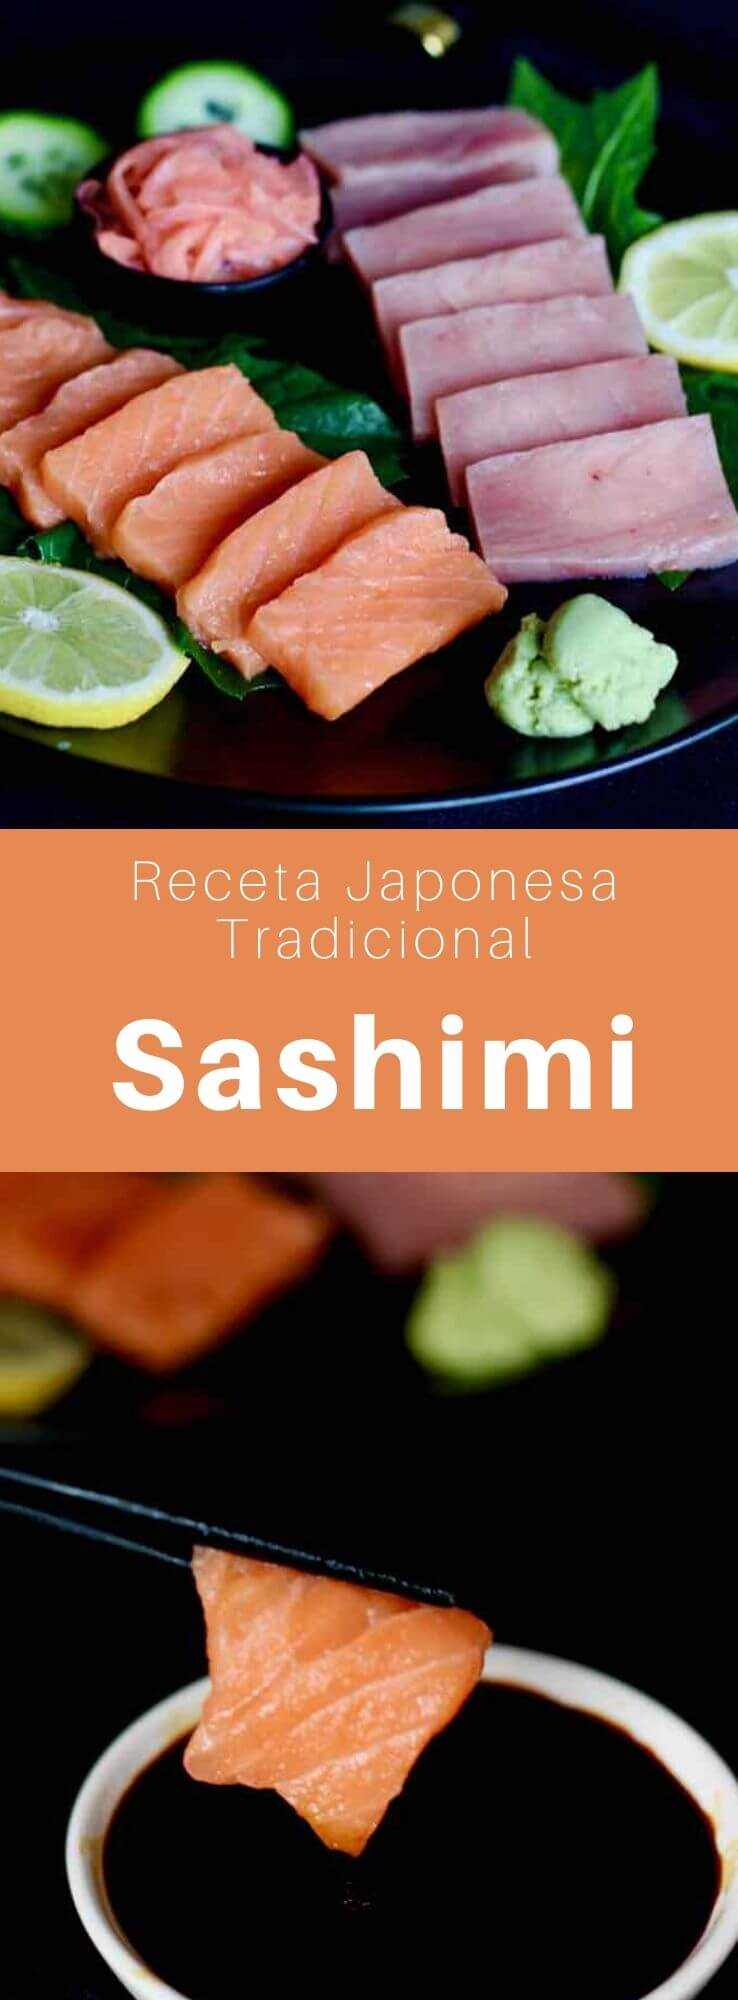 El sashimi (刺身) o shashimi es un platillo tradicional y delicioso de la cocina japonesa, preparado con rodajas crudas de pescado fresco o mariscos.